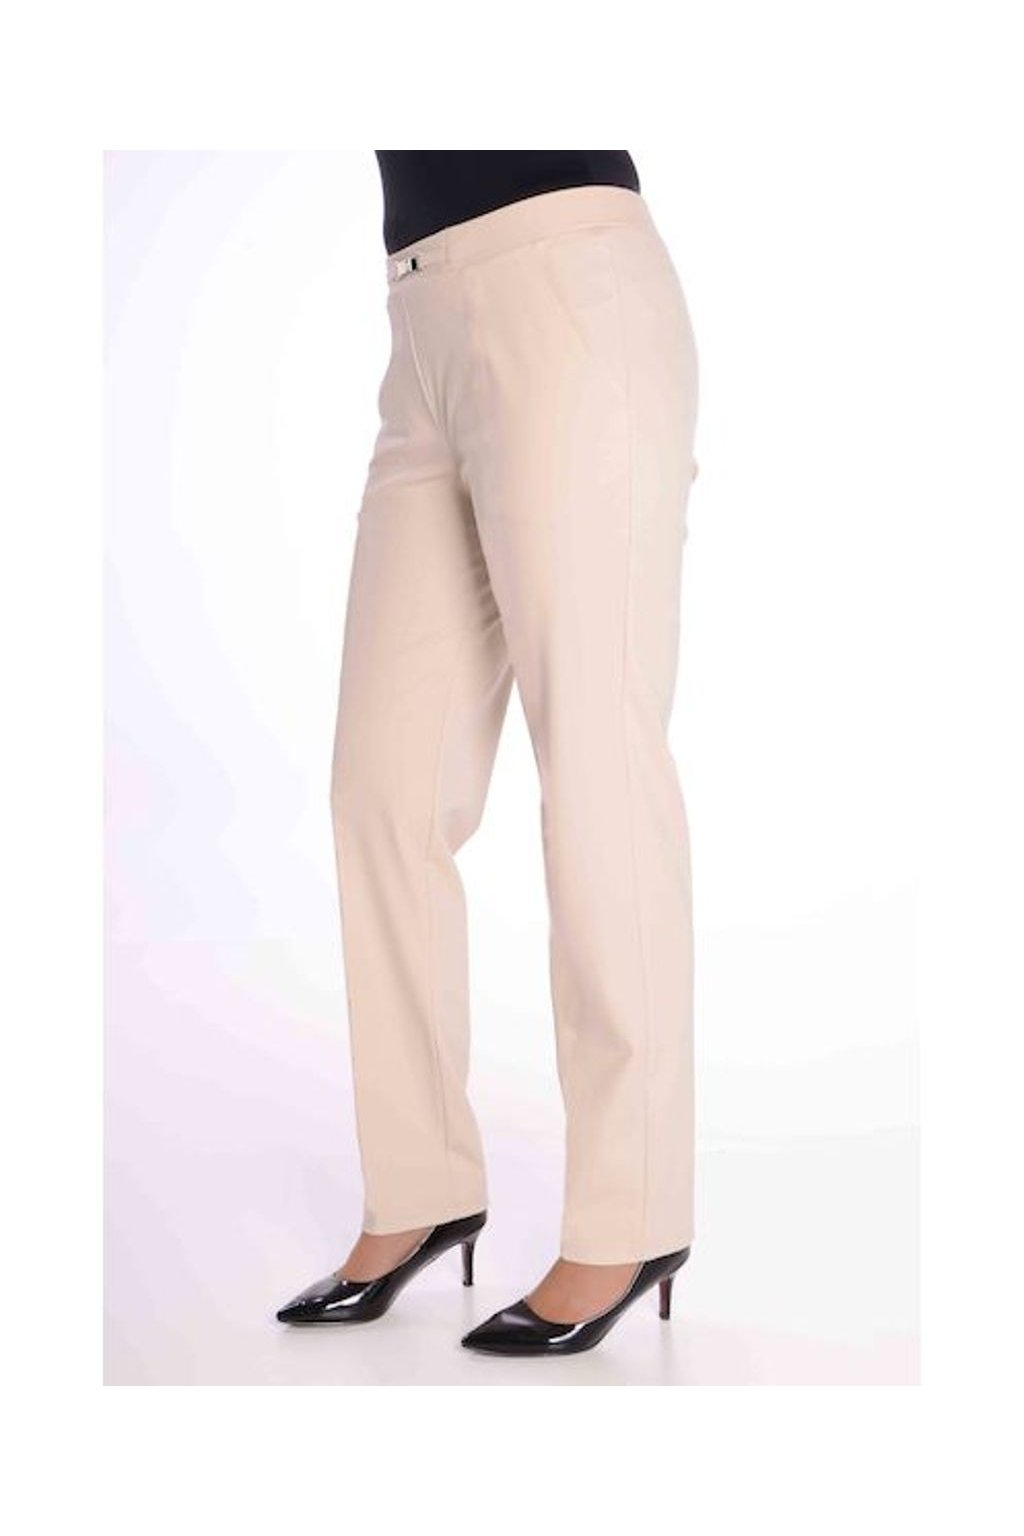 67T Kalhoty Avanti (Velikost 36, Barva Béžová)